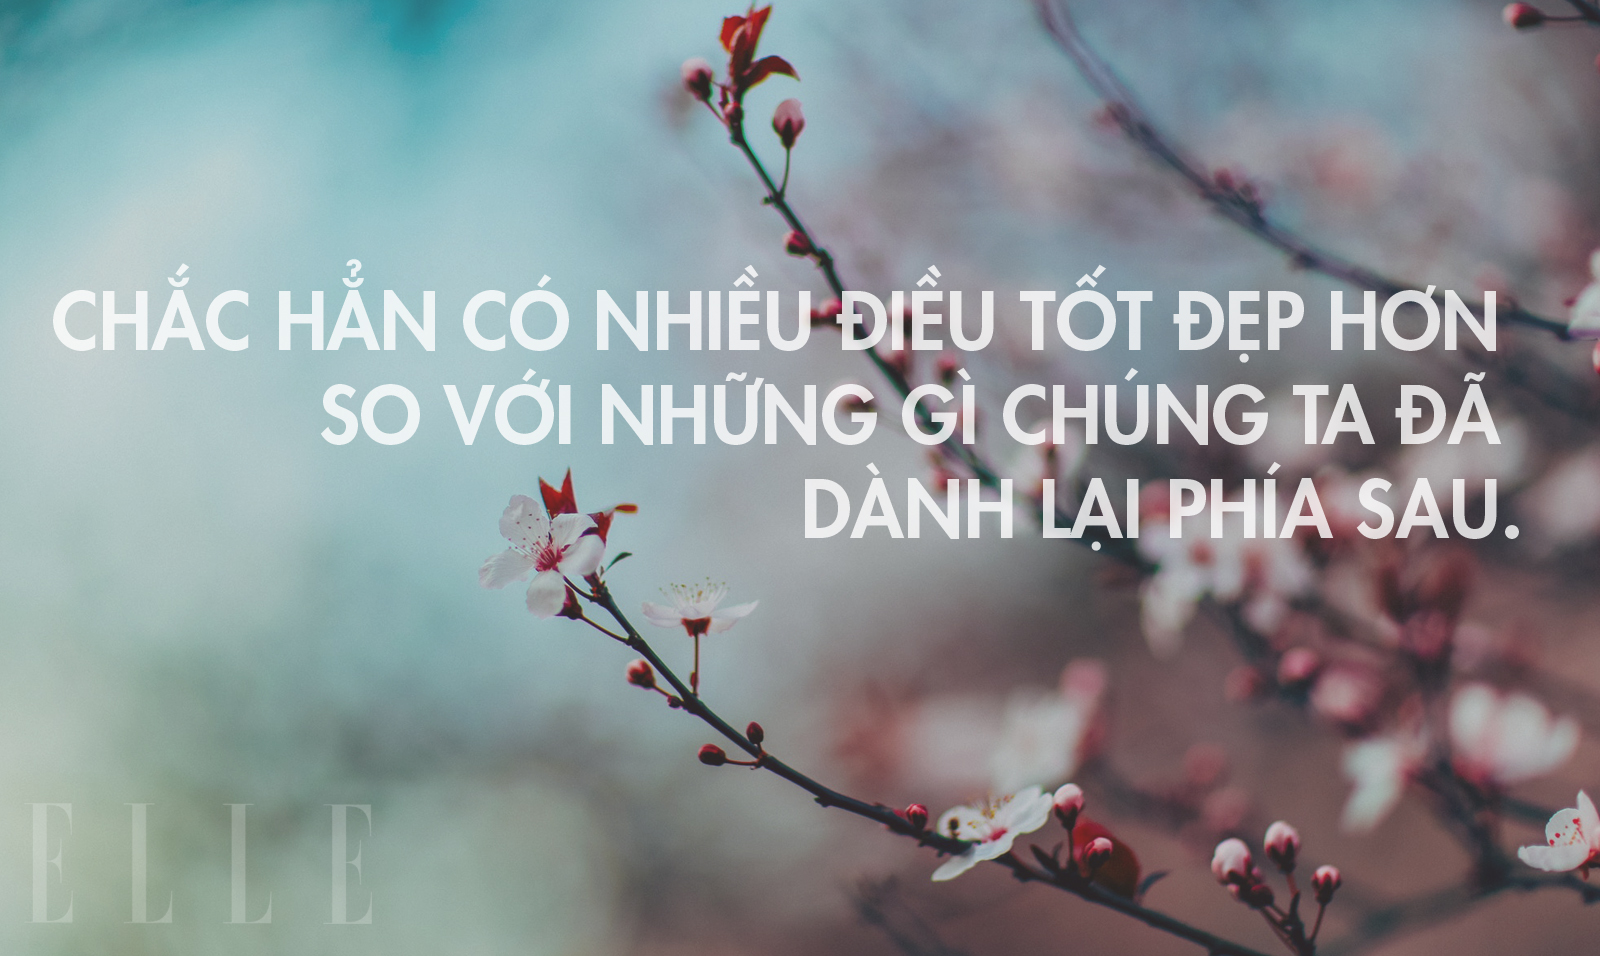 nhung-cau-noi-hay-de-dang-anh-len-facebook-6